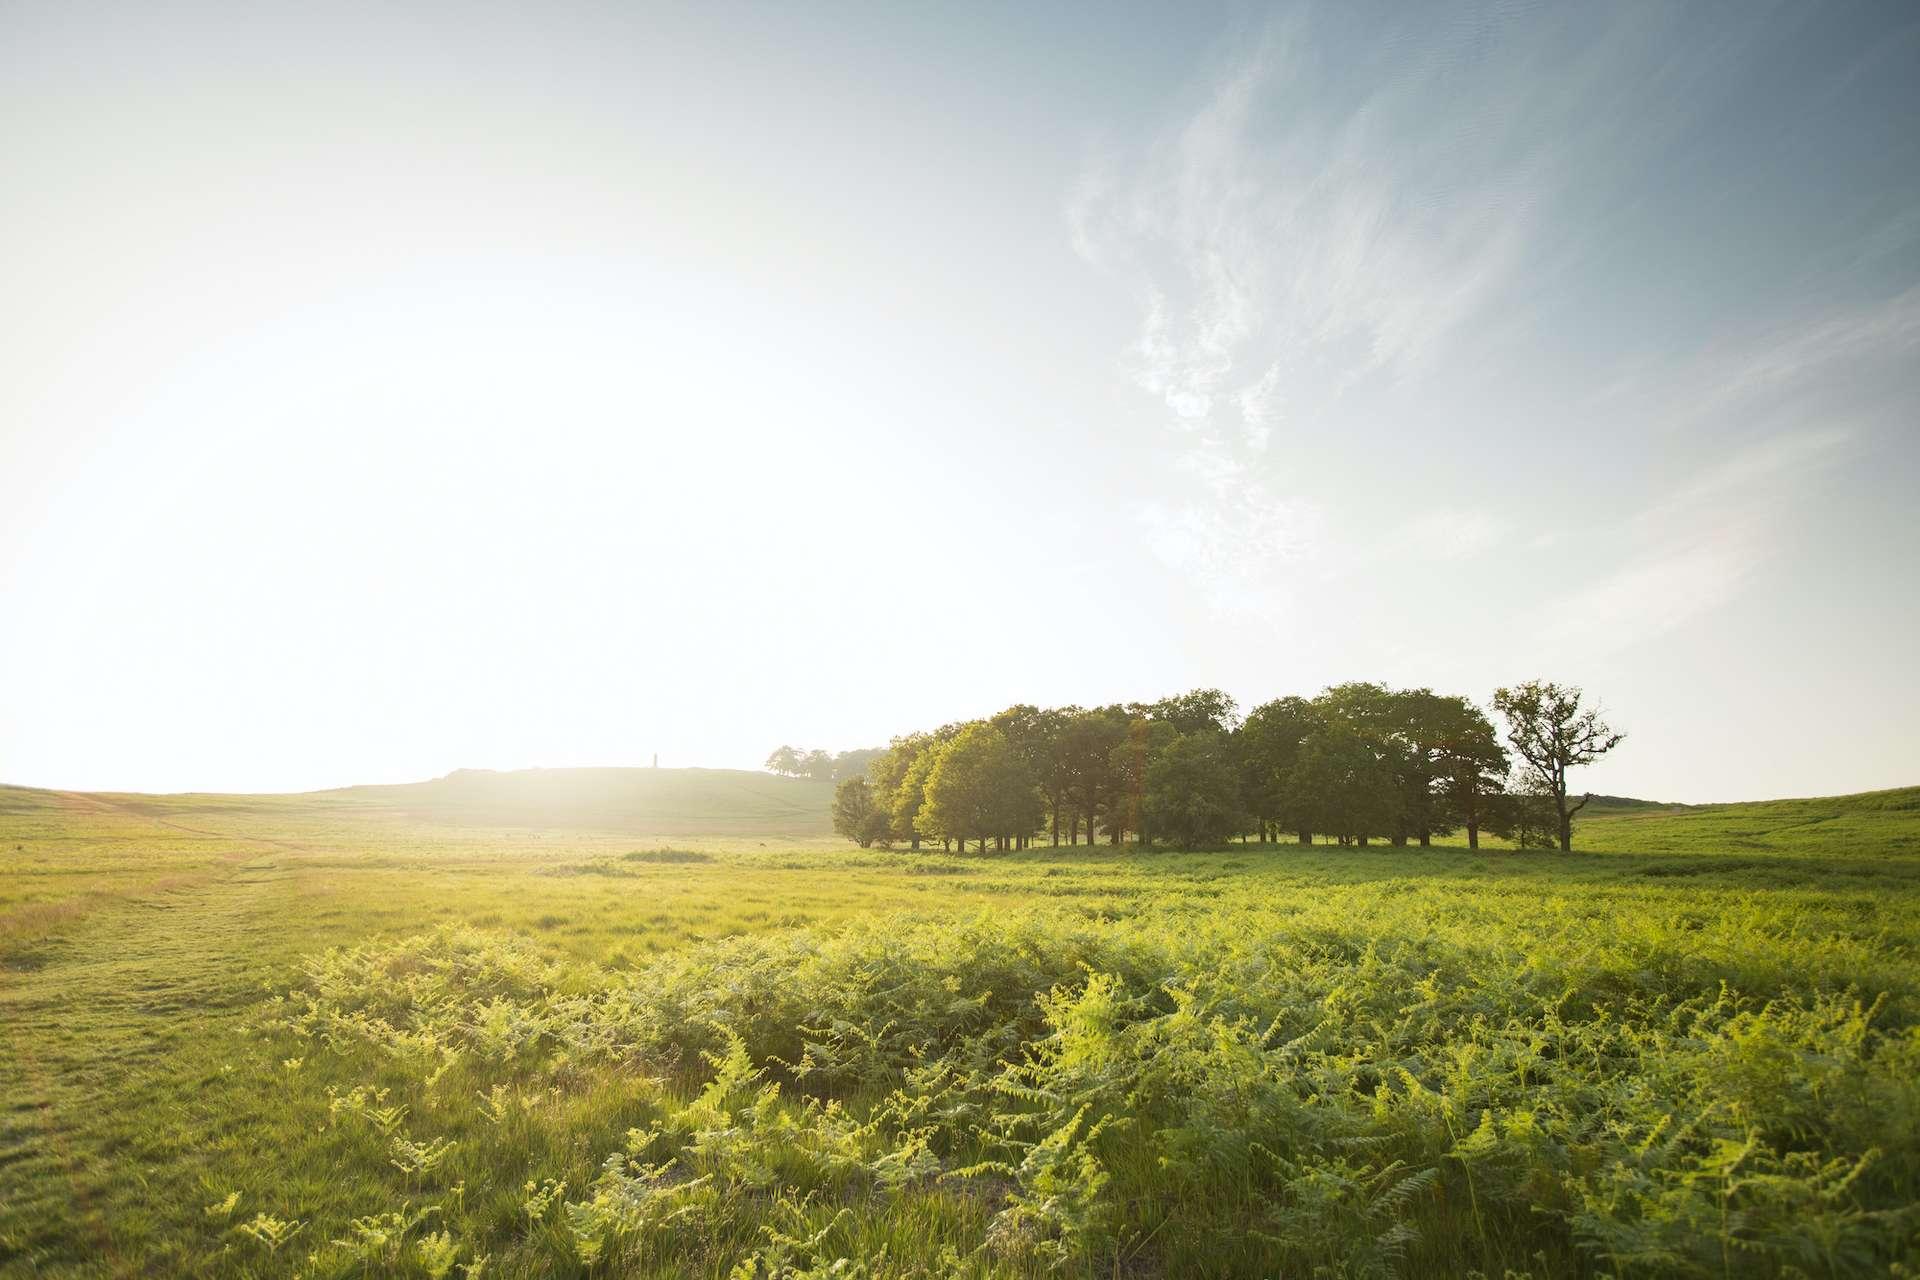 Les petits bois de moins d'un hectare ont une plus faible densité de tiques. © Risto Arnaudov, Adobe Stock